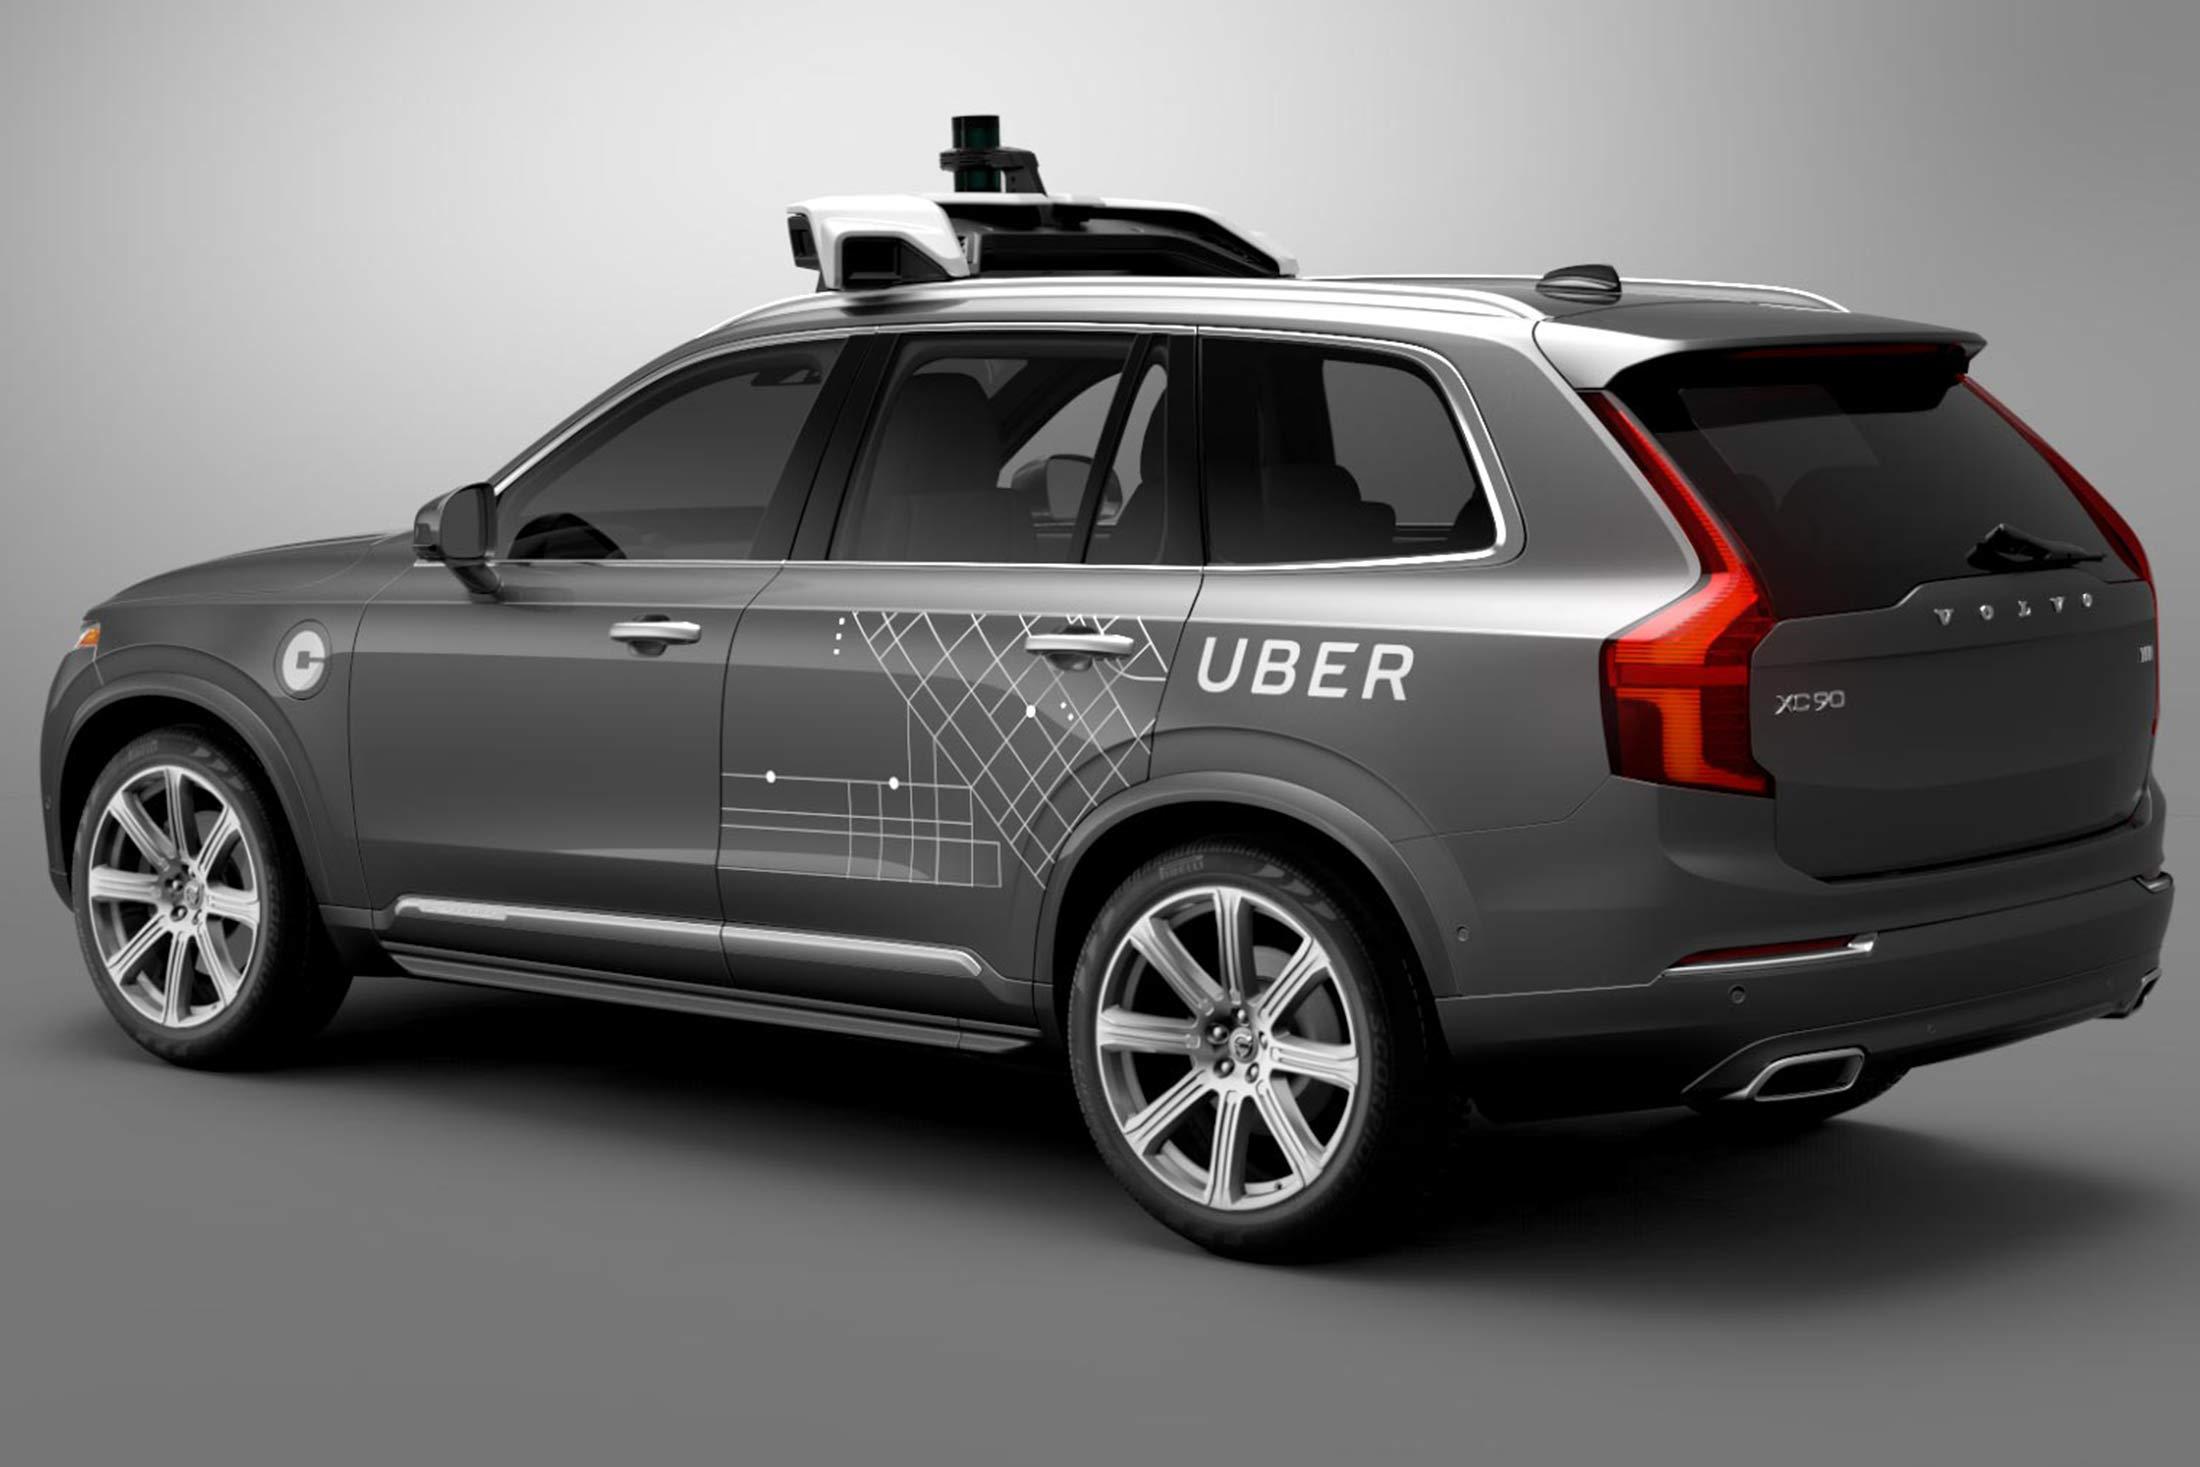 Neuf mois après l'accident mortel, Uber reçoit le feu vert pour relancer ses tests de voitures autonomes